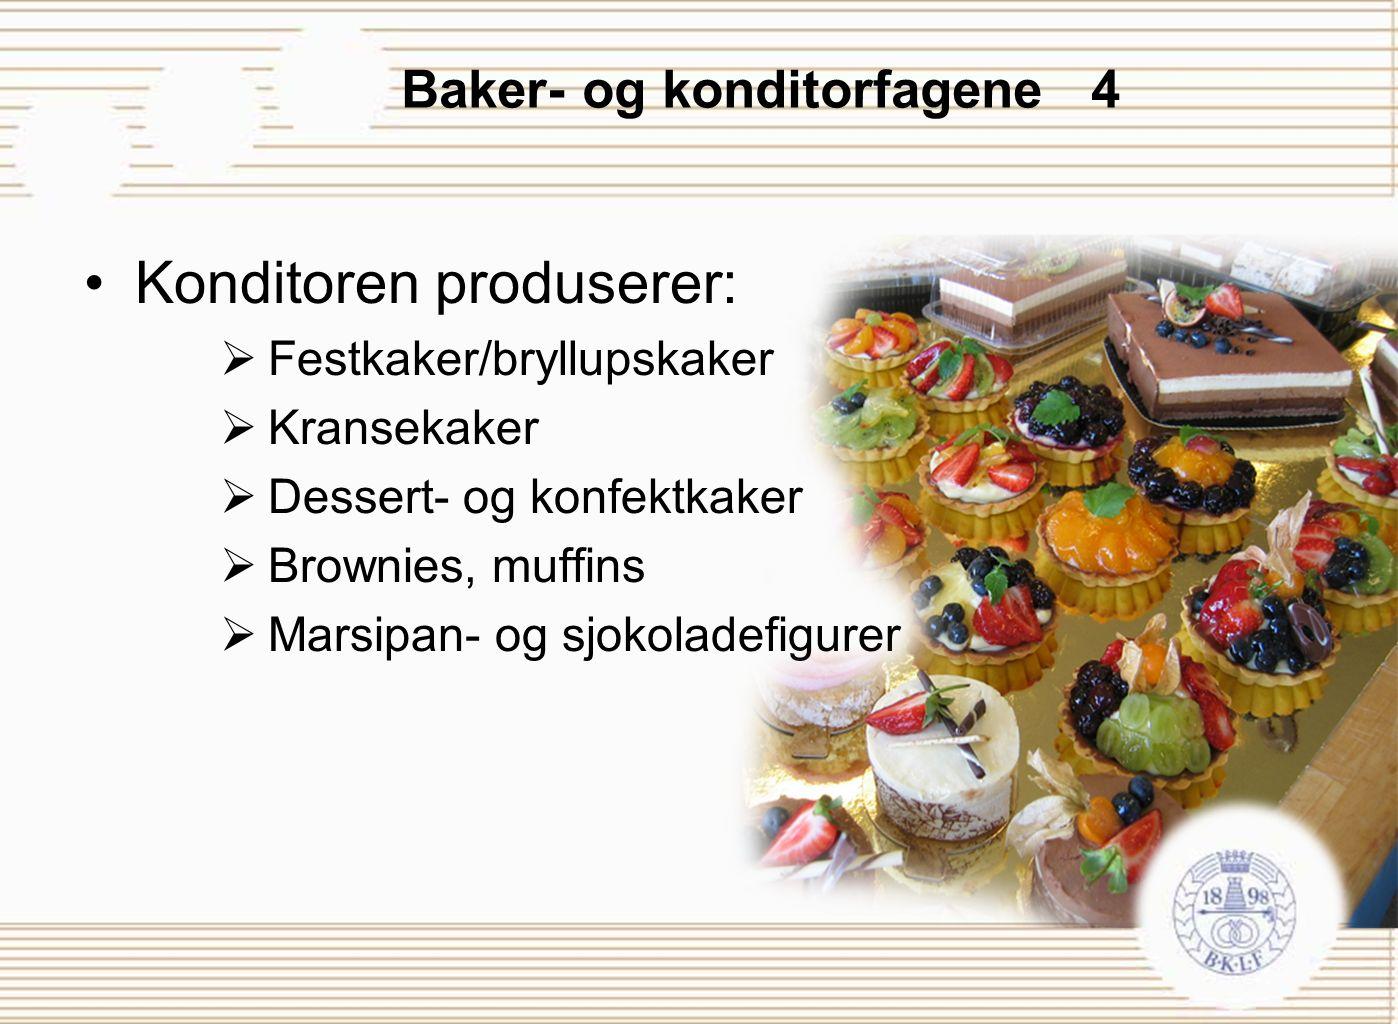 Baker- og konditorfagene 4 Konditoren produserer:  Festkaker/bryllupskaker  Kransekaker  Dessert- og konfektkaker  Brownies, muffins  Marsipan- o